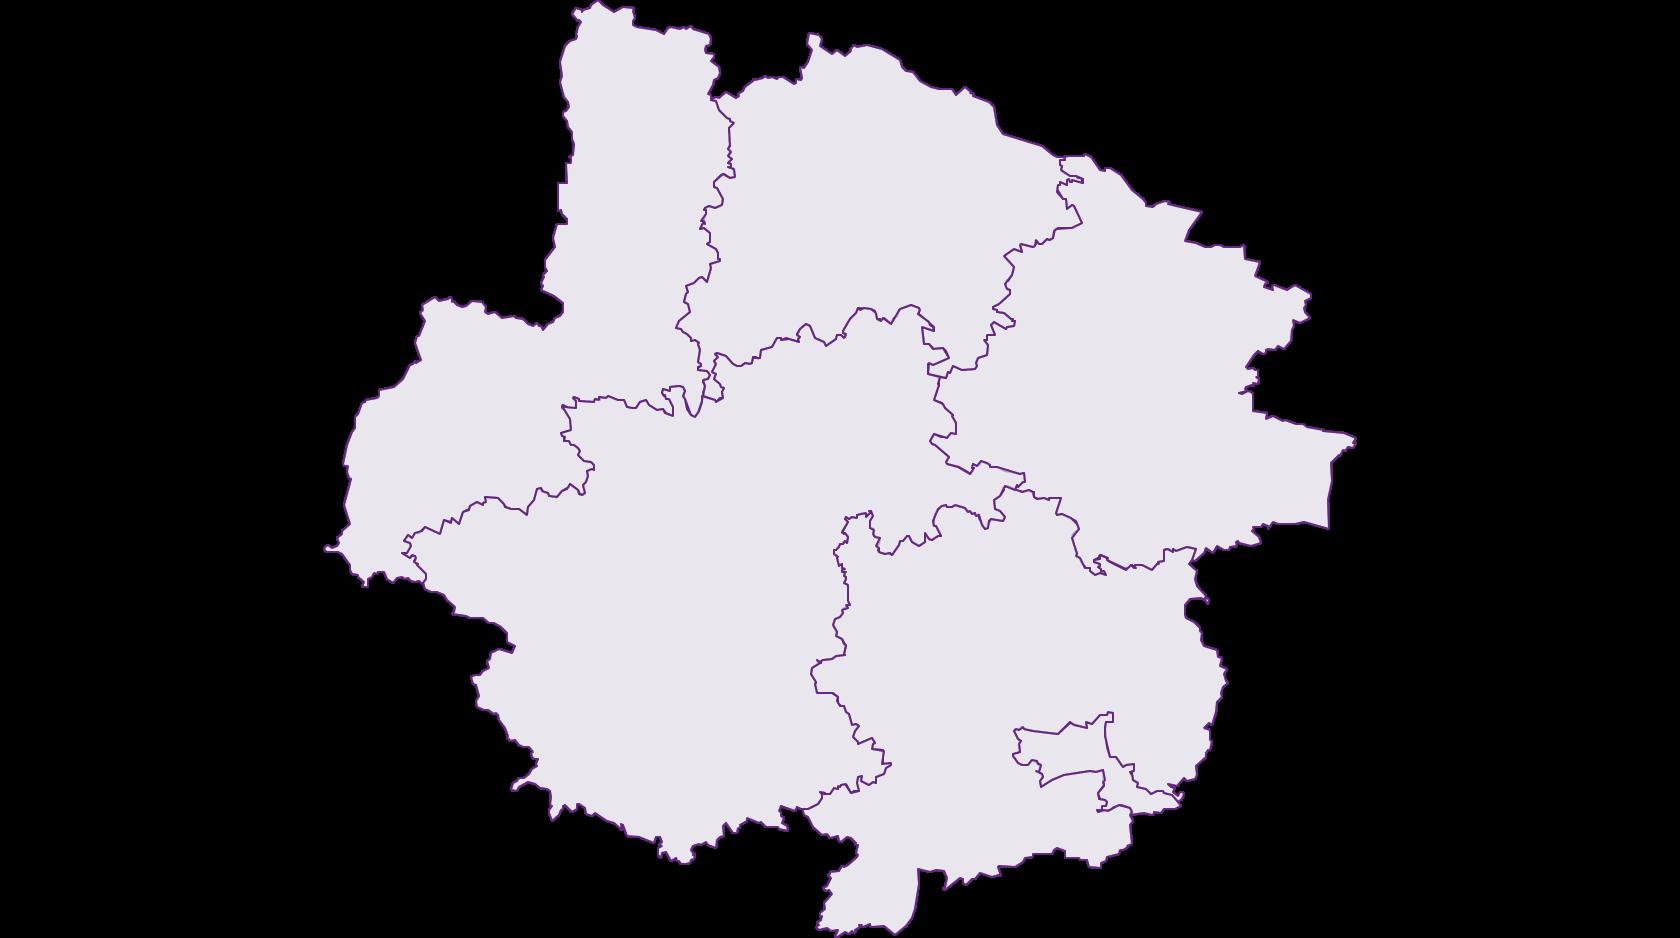 Waldviertel Niederösterreich - Geographie, Wirtschaftskunde, Statistik | Similio